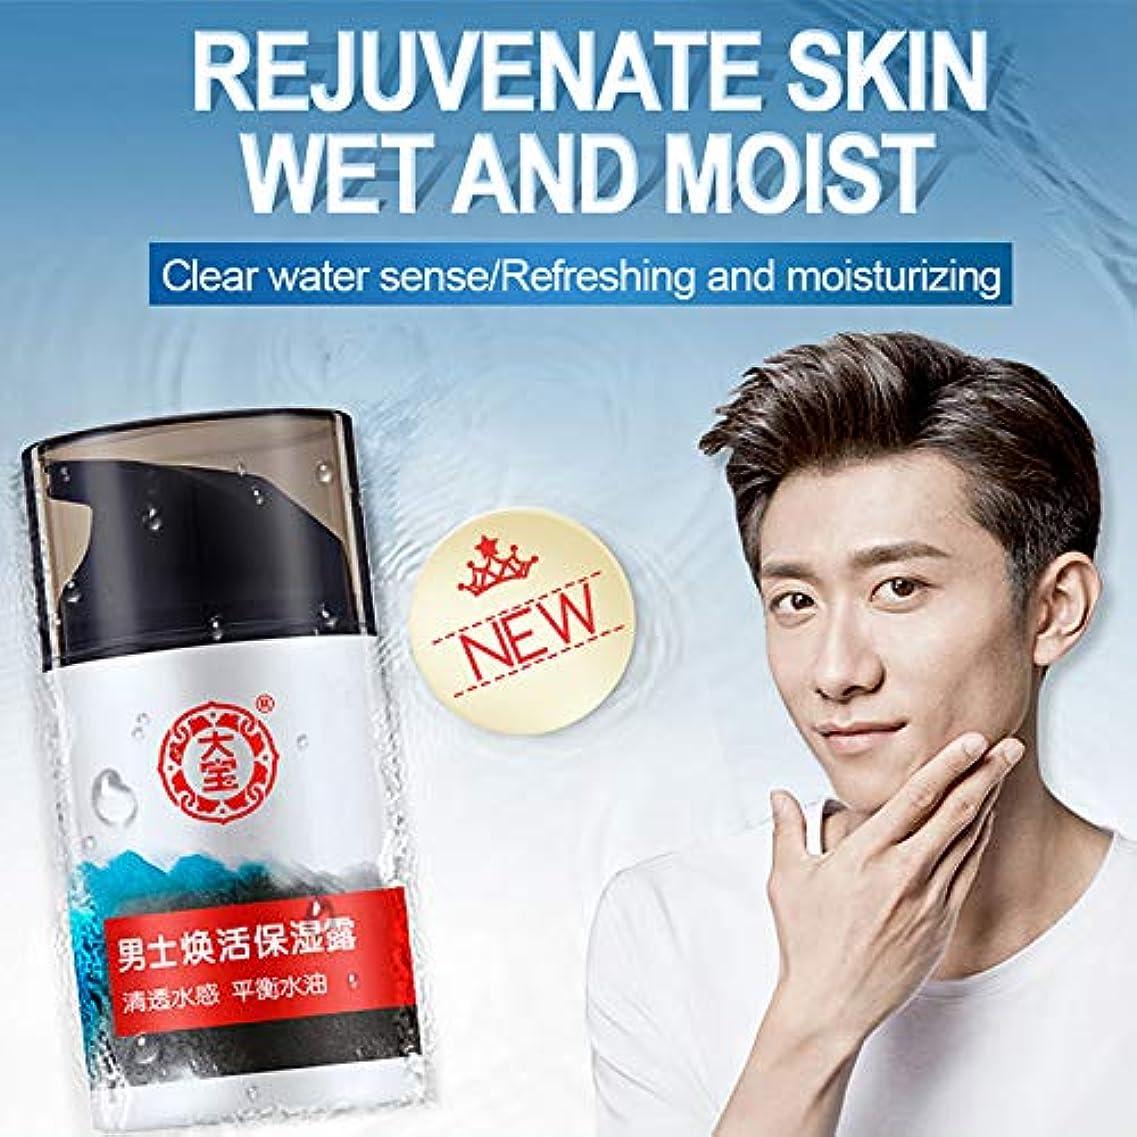 処方異邦人リフト強力な効果的な顔の栄養クリームを修正大宝男性リバイタライジングモイスチャライジングローション保湿ダメージ